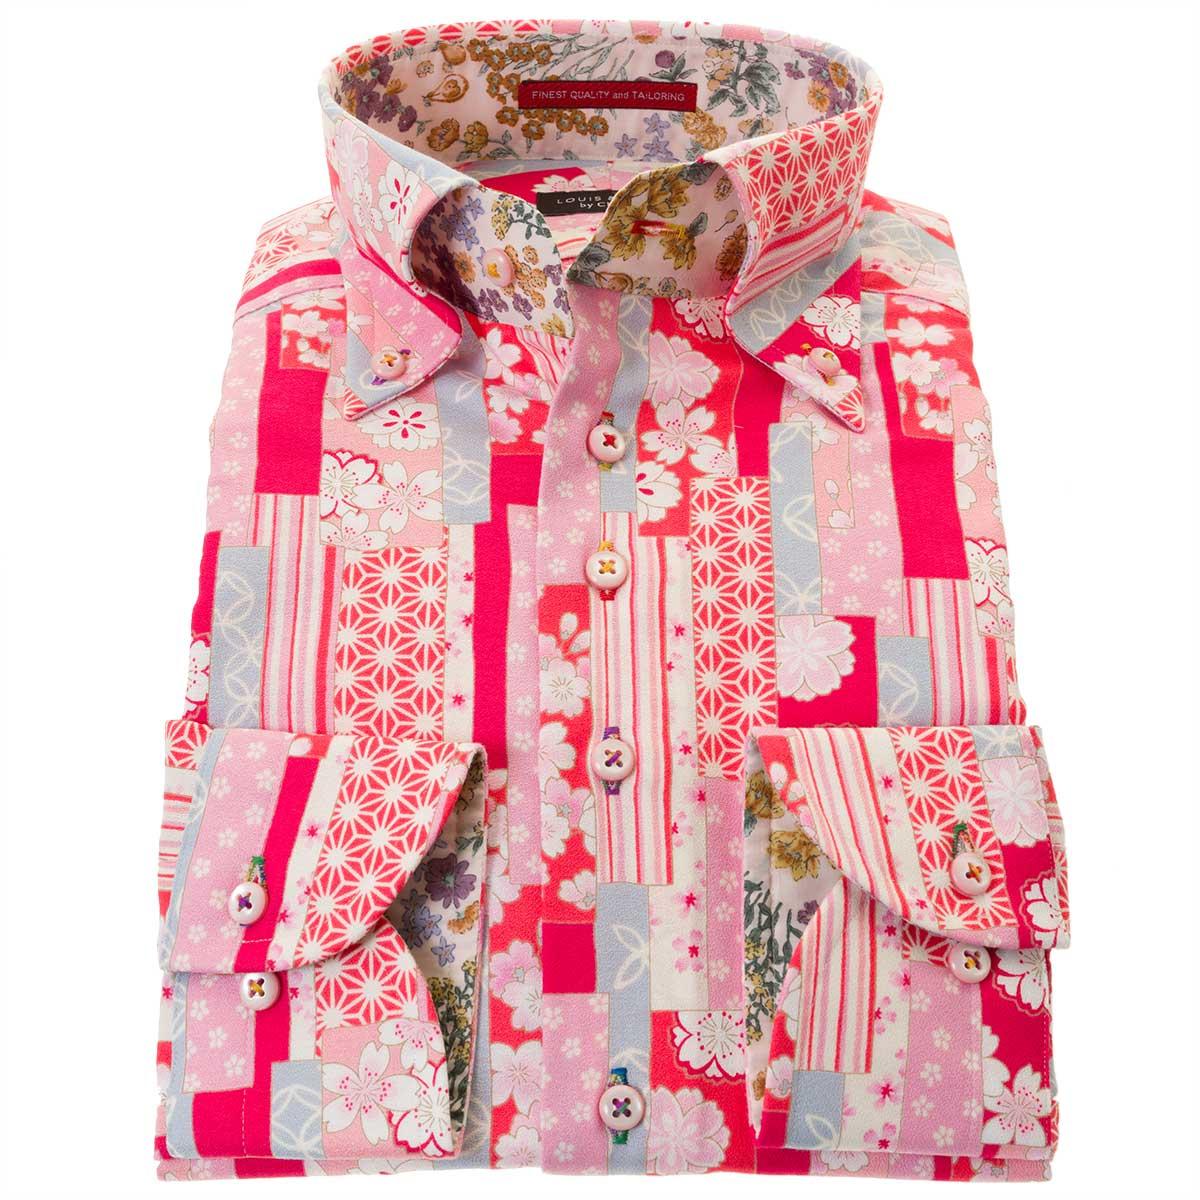 国産長袖綿100%ドレスシャツ コンフォート ボタンダウン 胸ポケット無 着丈短め ちりめん 縮緬 プリント 桜 ピンク 格子 麻葉柄 メンズ